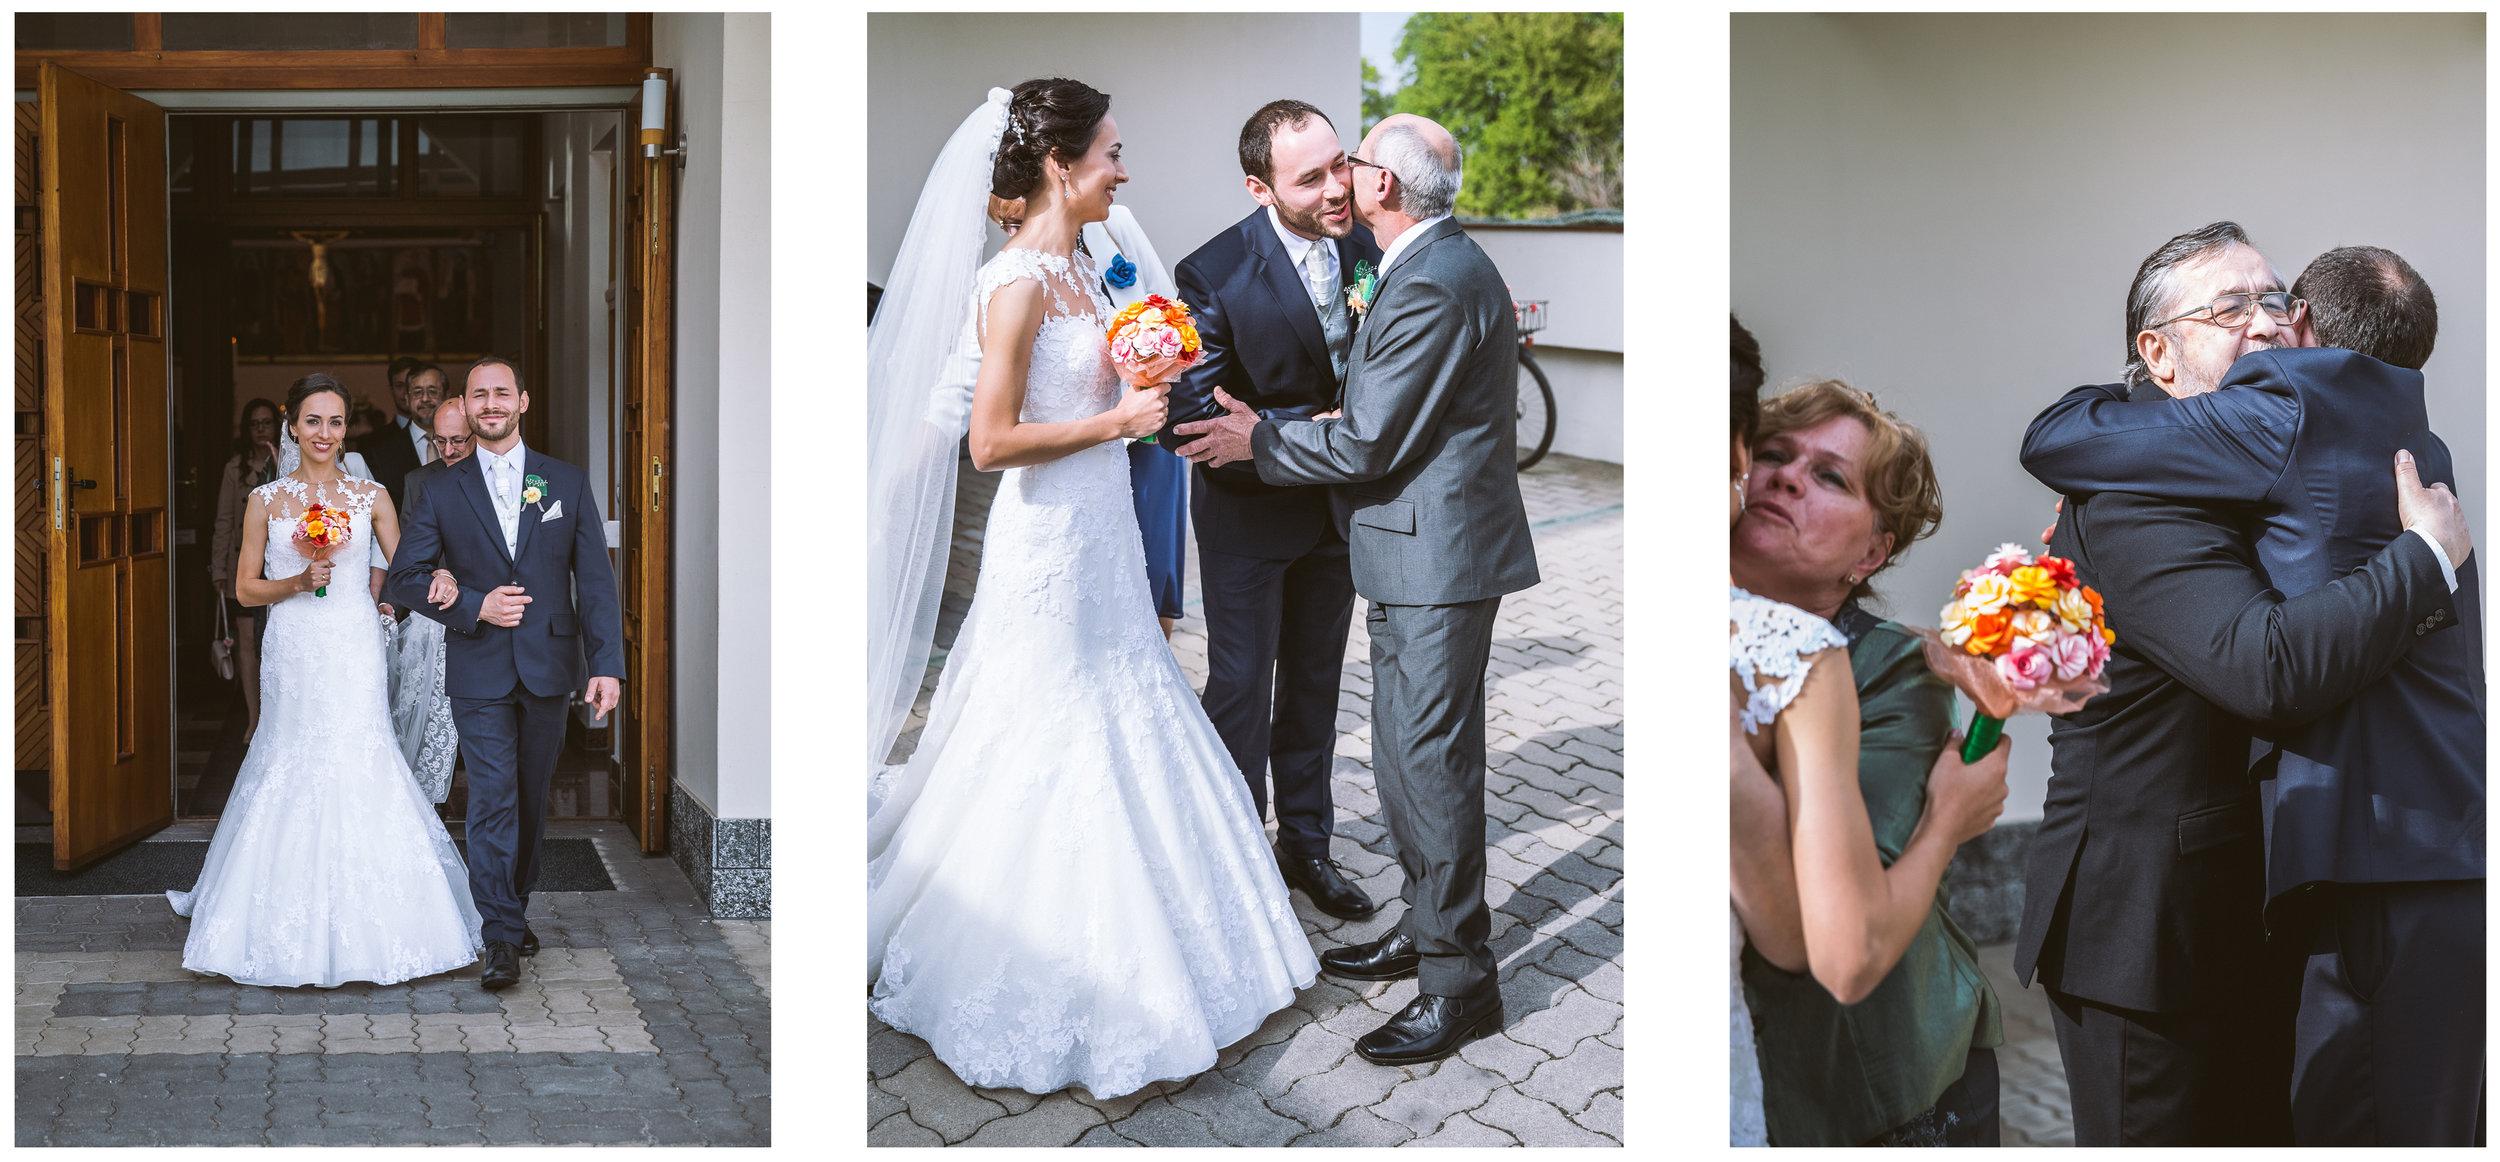 FylepPhoto, esküvőfotós, esküvői fotós Körmend, Szombathely, esküvőfotózás, magyarország, vas megye, prémium, jegyesfotózás, Fülöp Péter, körmend, kreatív, fotográfus_020.jpg